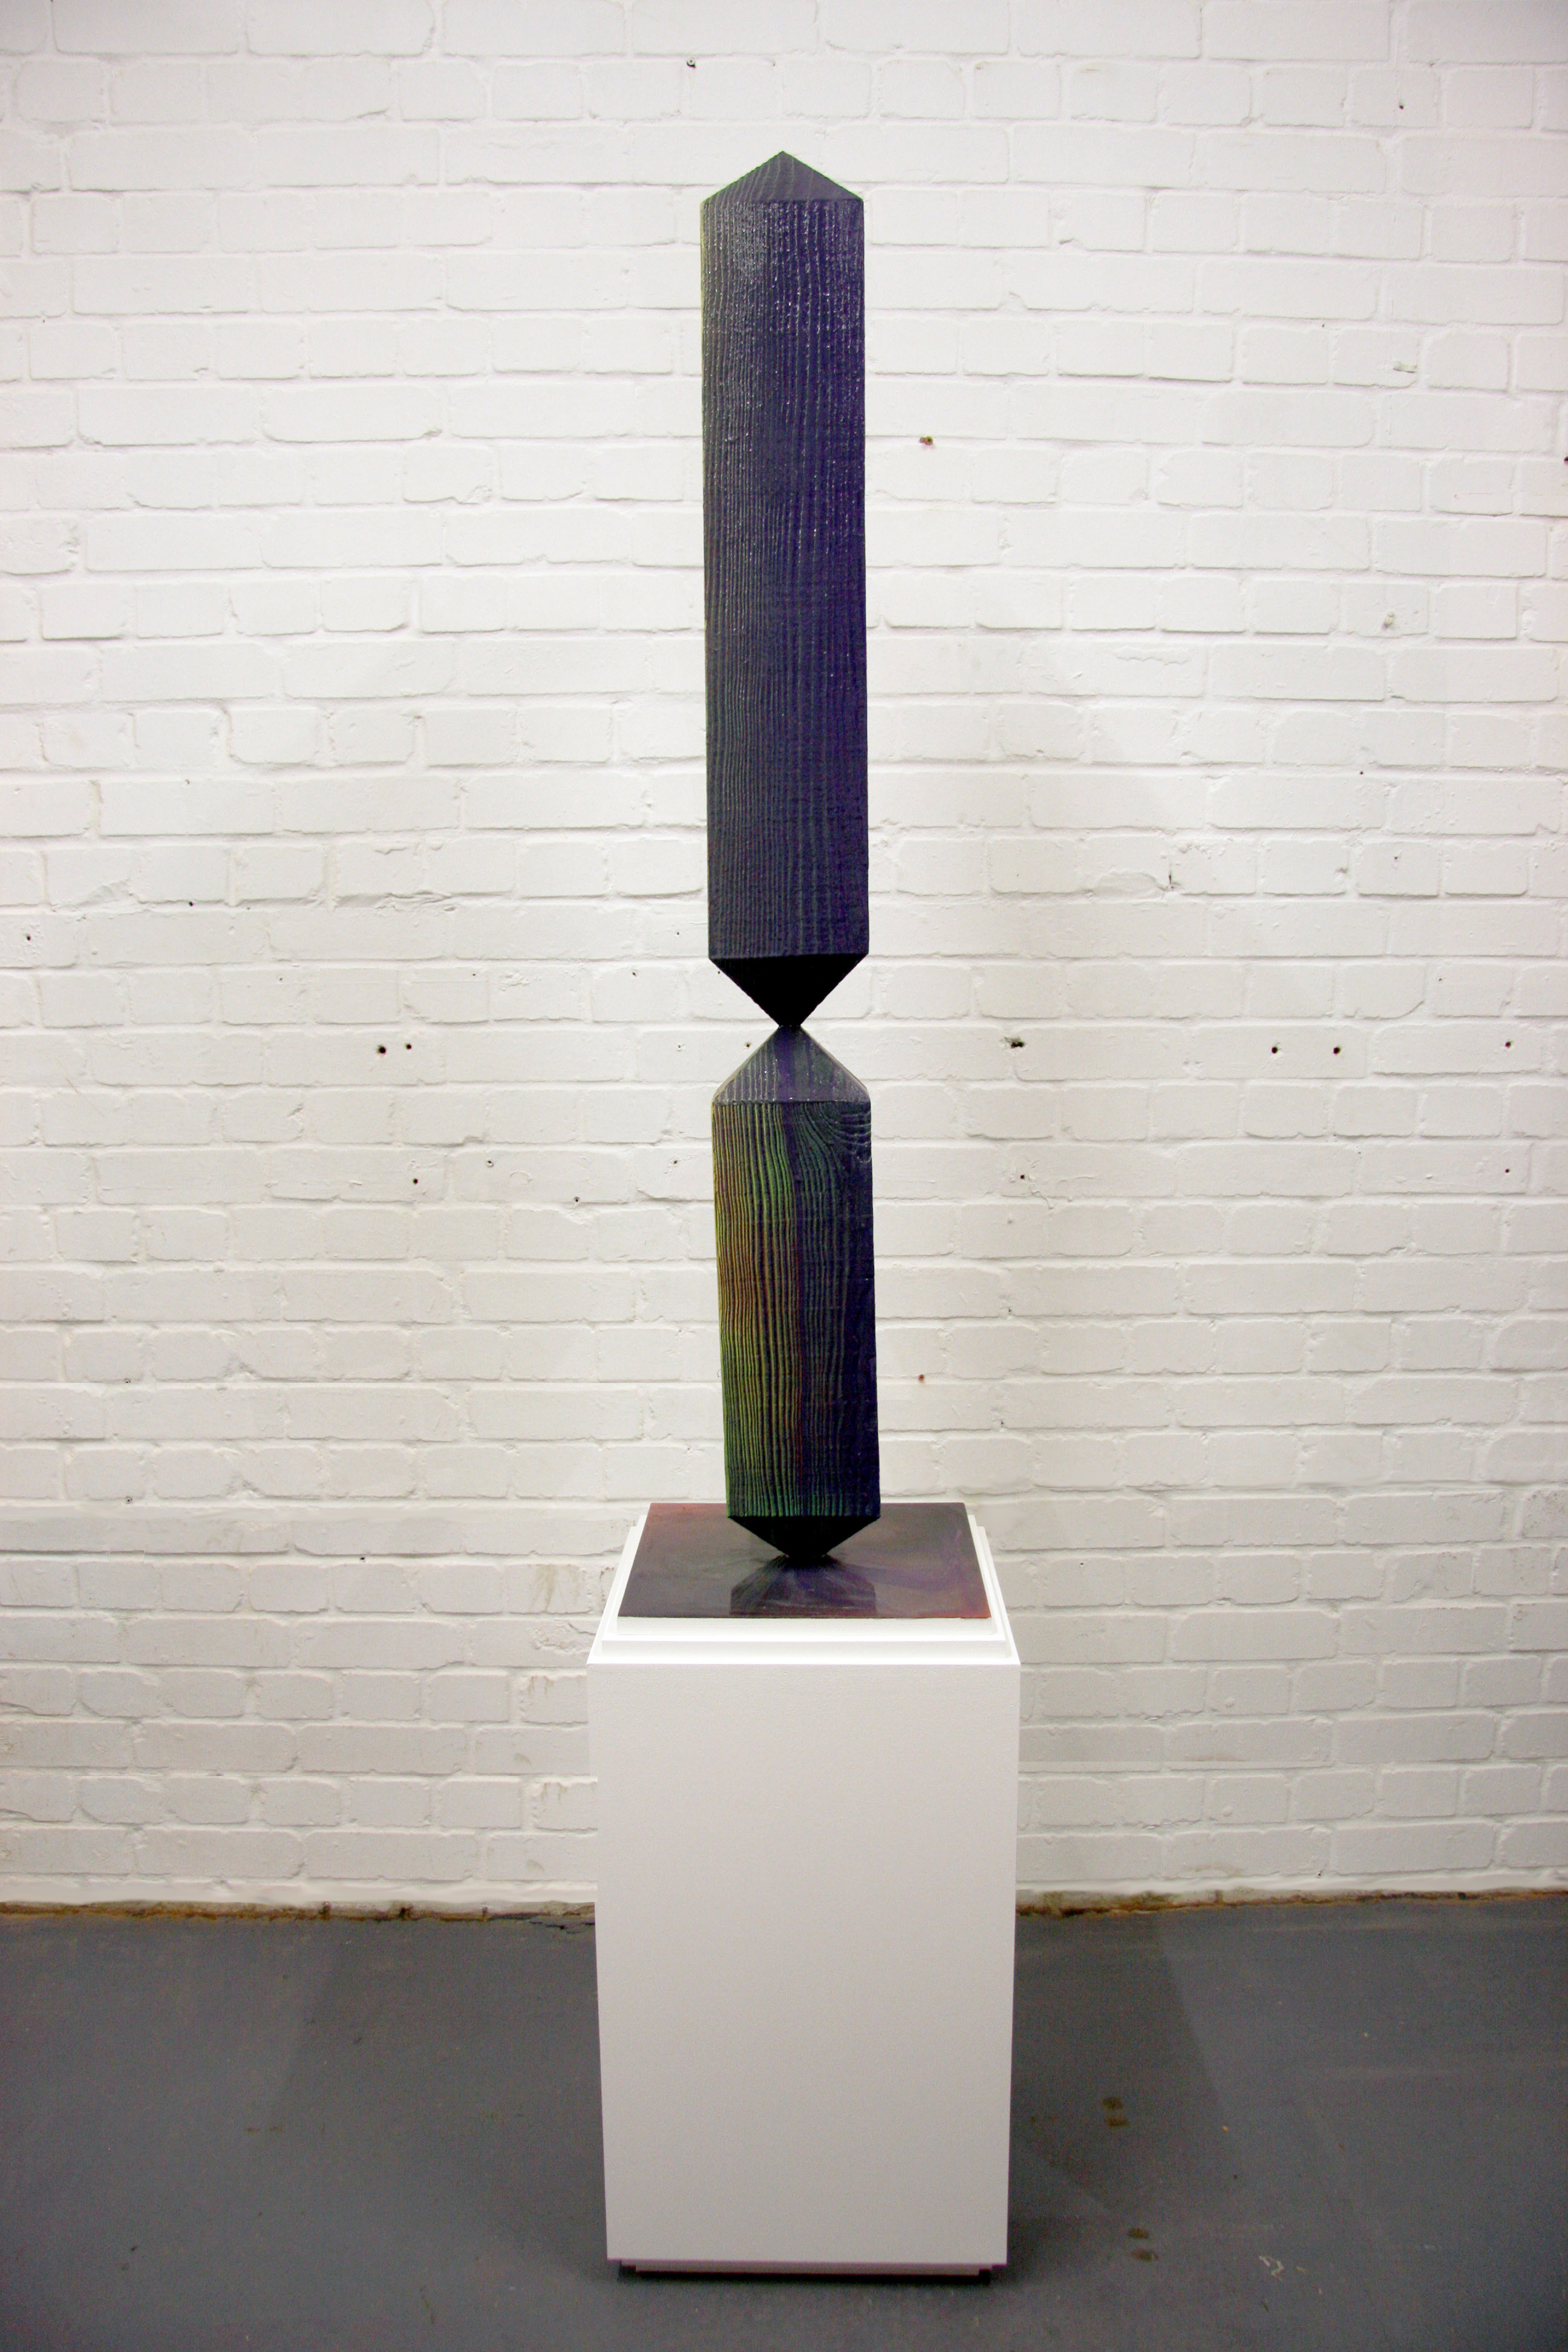 Untitled (obelisk), 2018